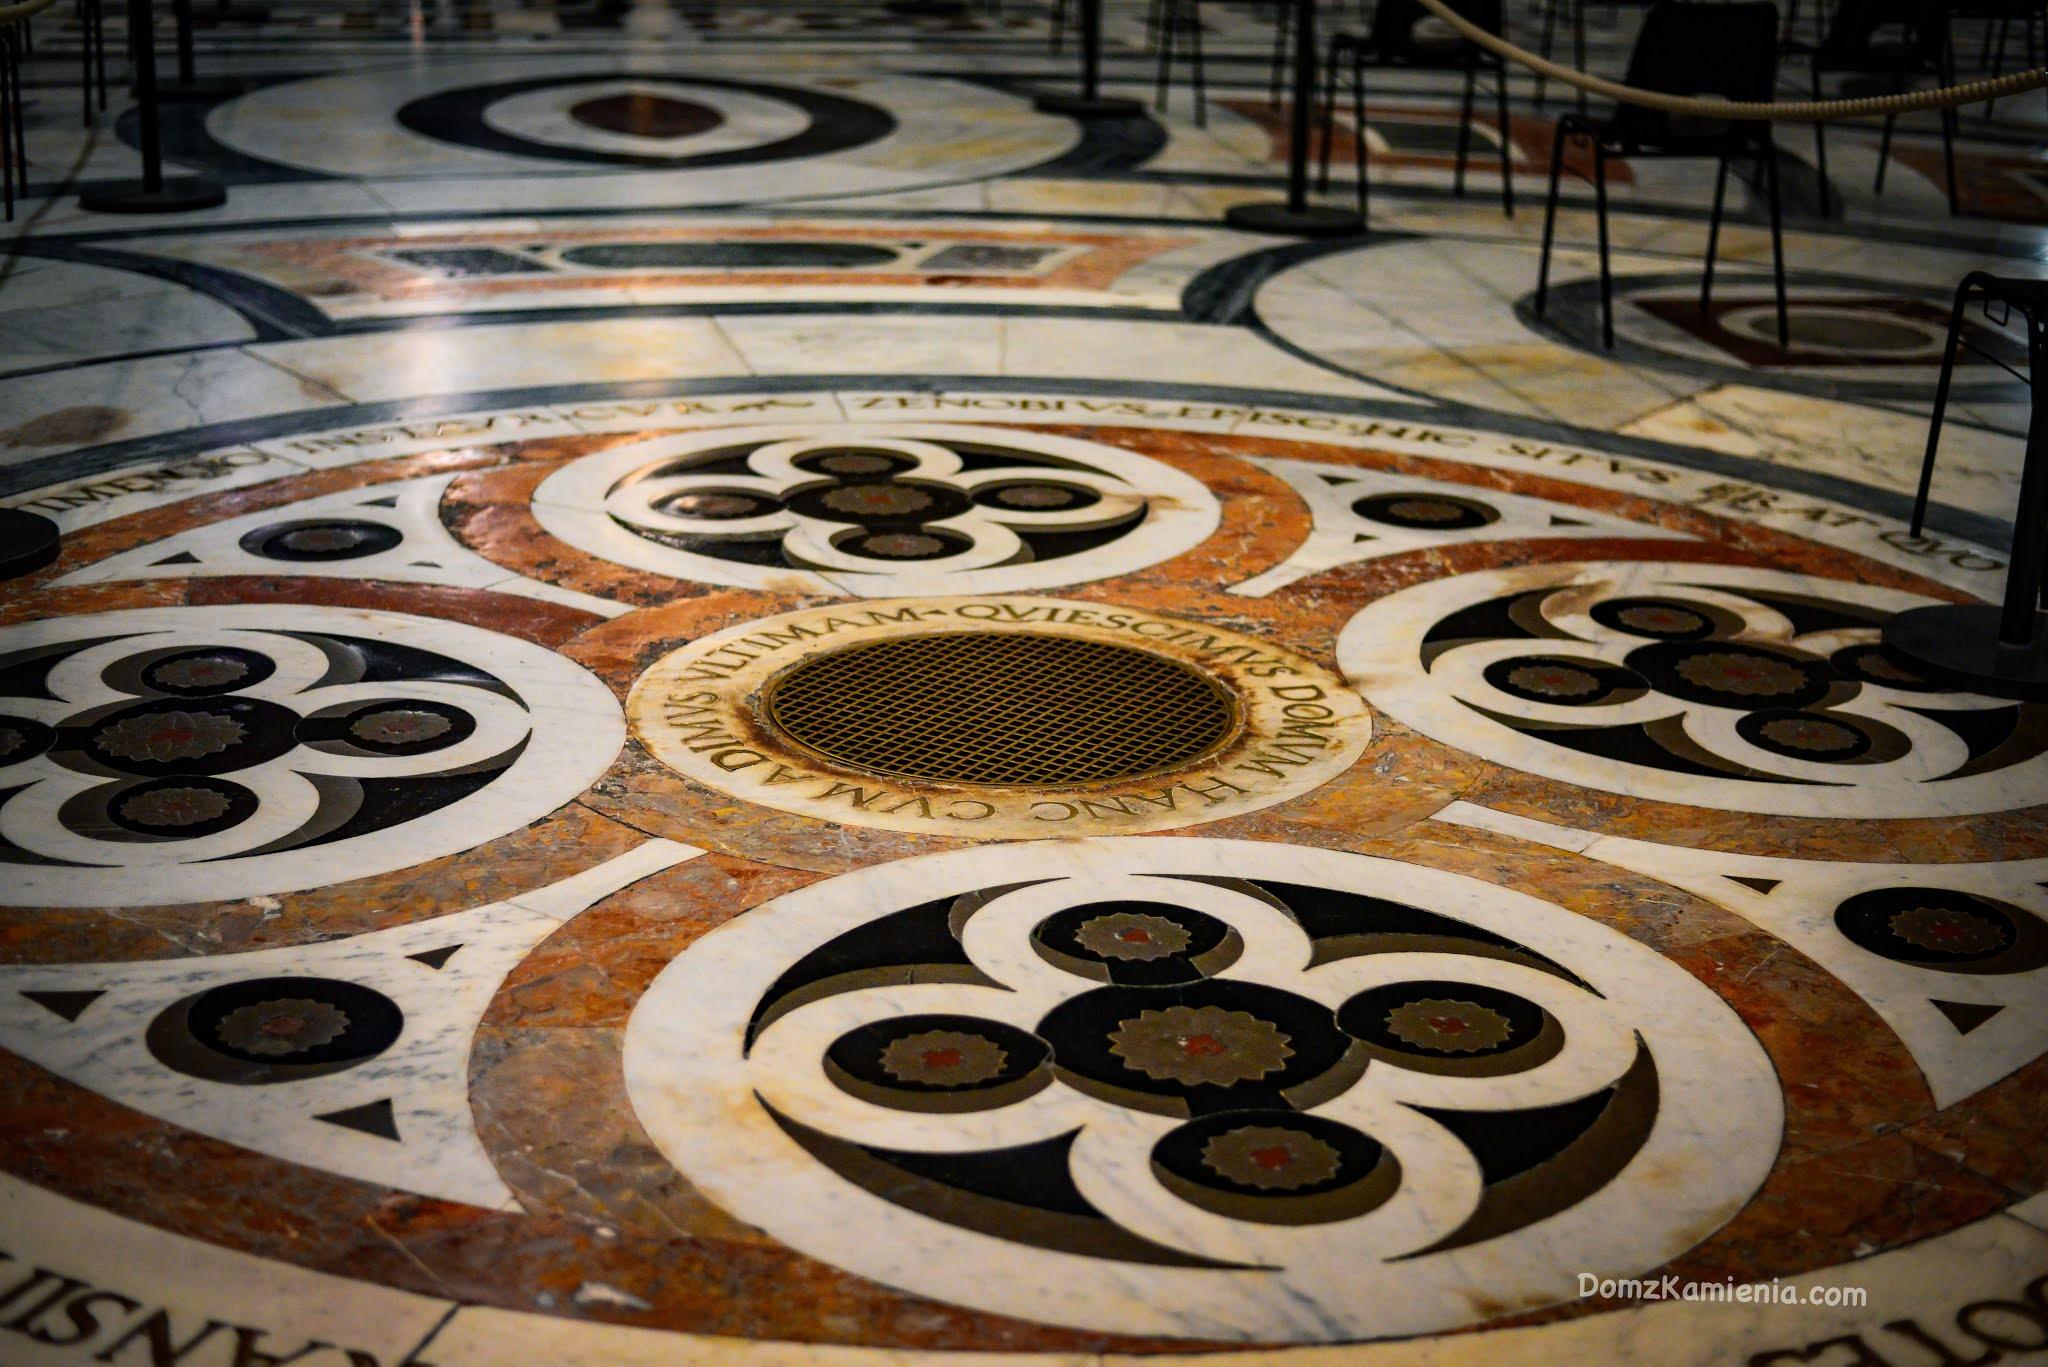 Dom z Kamienia blog o Toskanii, Florencja, Duomo